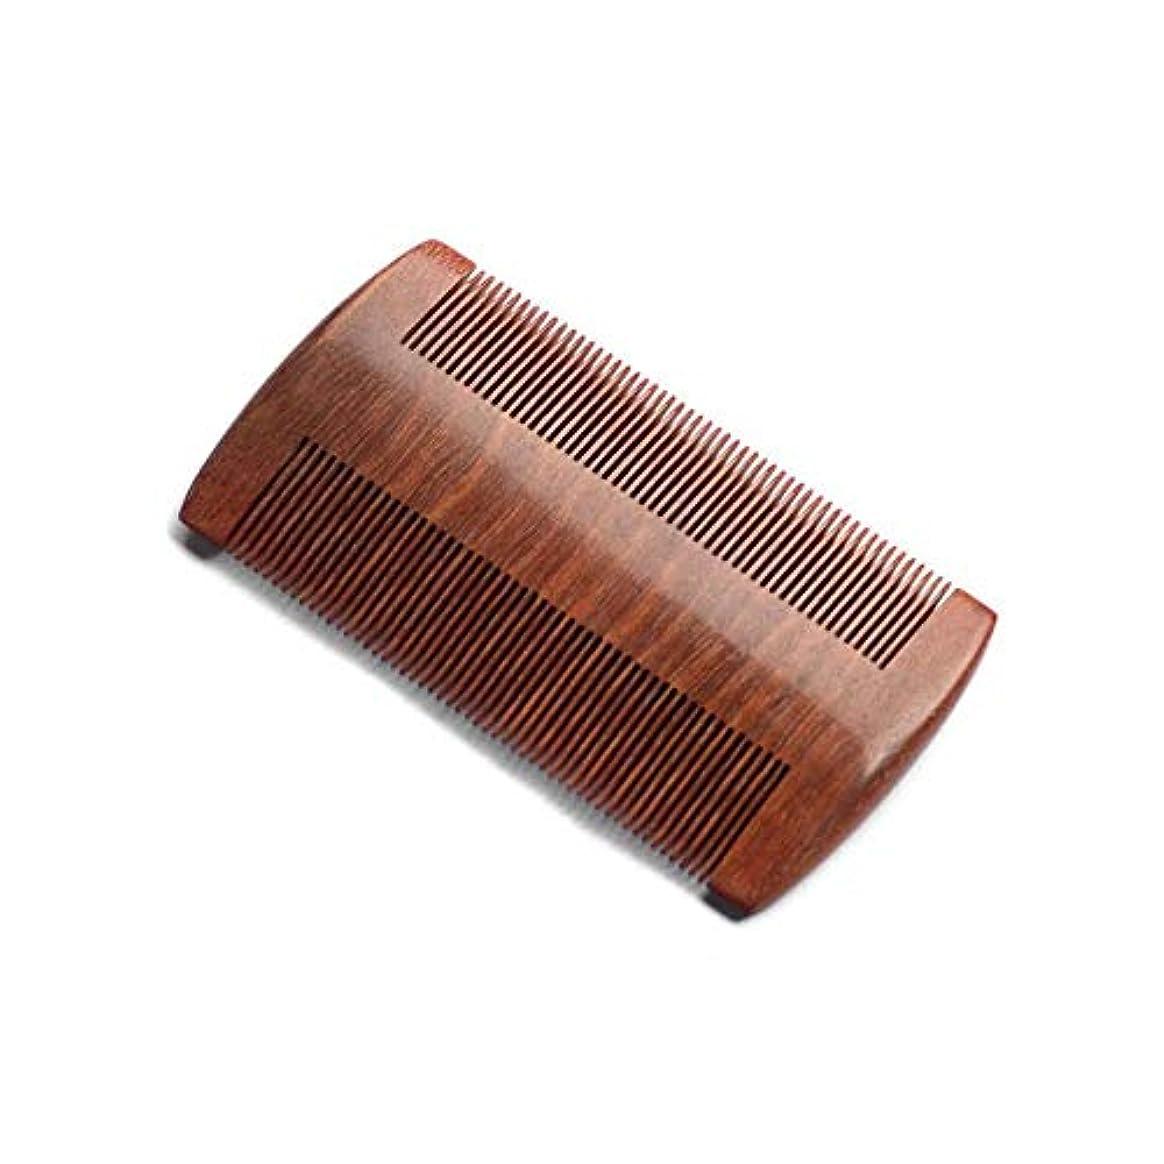 インシデント休暇クリークZYDP 細かいコンパクトな歯赤白檀の髪の櫛手作りの櫛帯電防止髪の櫛